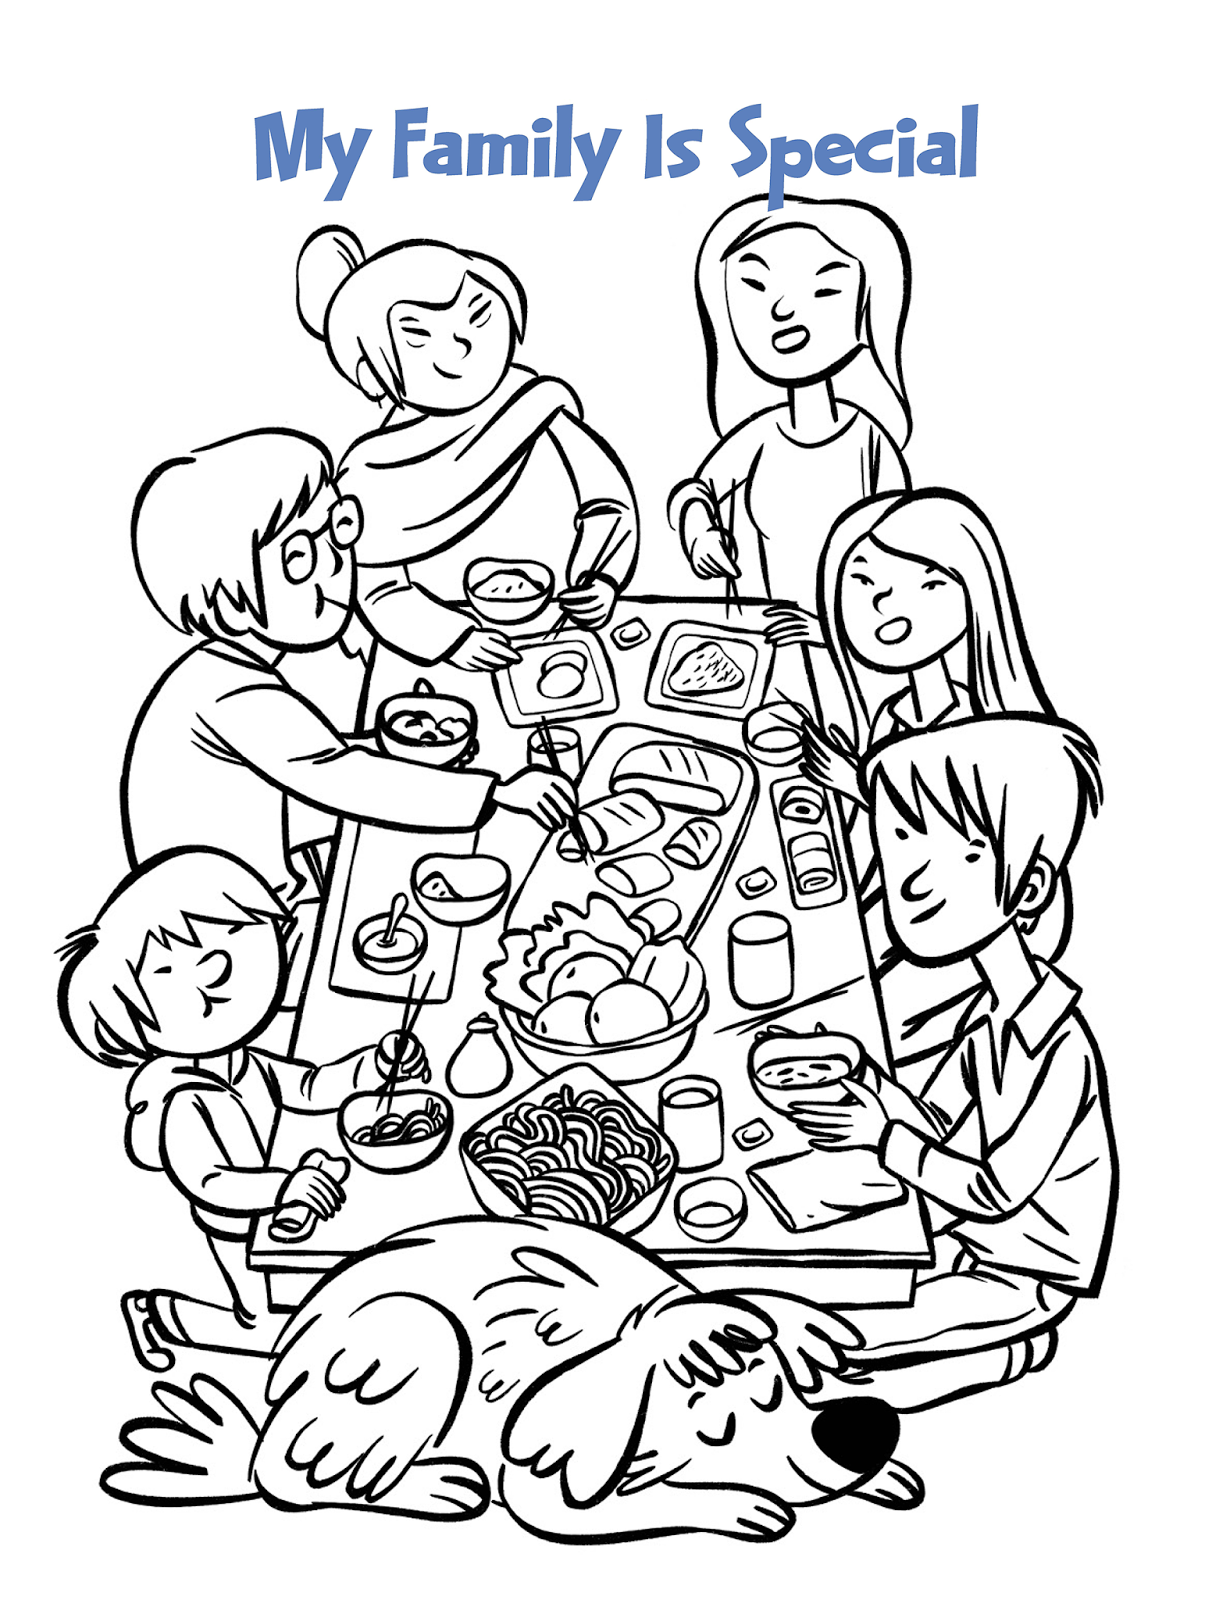 Gambar Mewarnai Makan Bersama Keluarga Tercinta Lihat Gambar Mewarnai Makan Bersama Keluarga Tercinta Mewarnai 4 Sehat 5 Sempurna